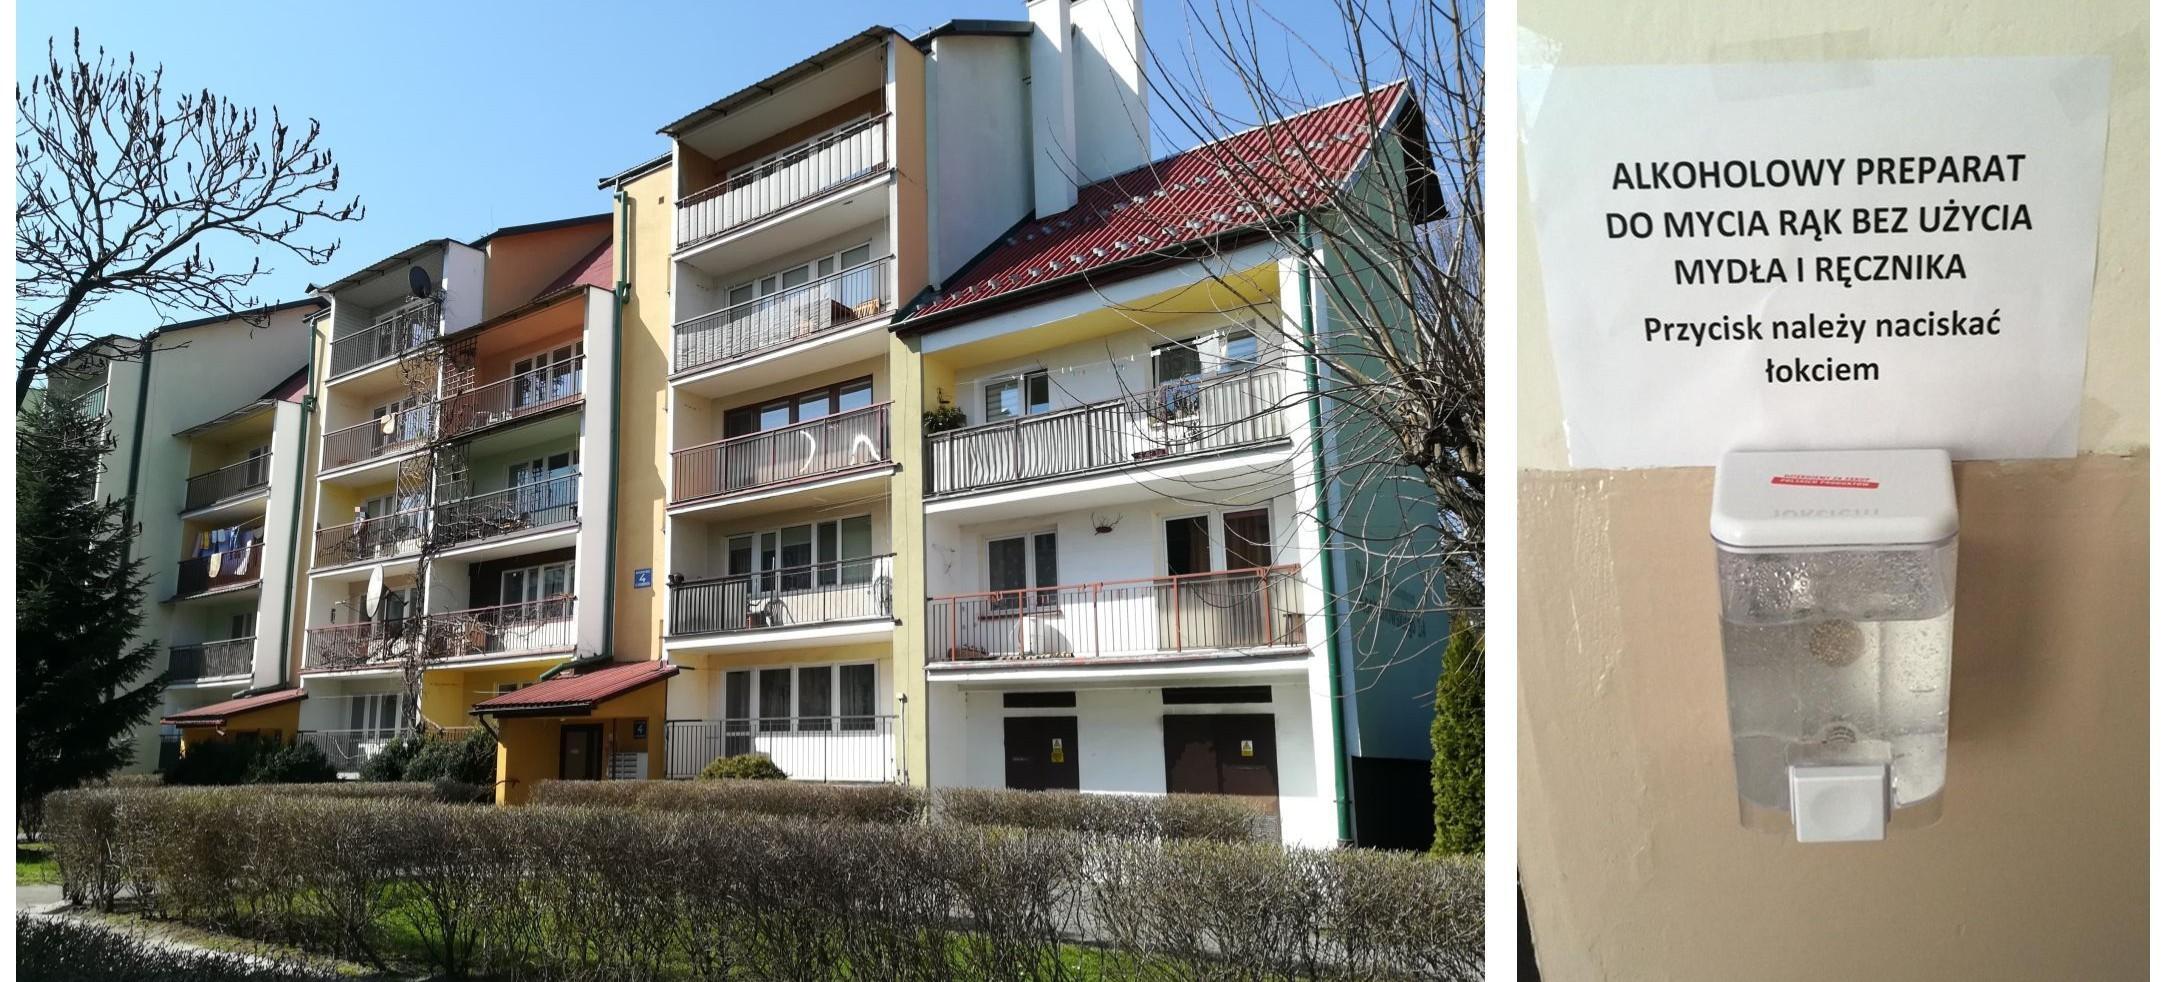 SANOK: Klatki w blokach odkażane codziennie. Dobry przykład wspólnoty z Kochanowskiego